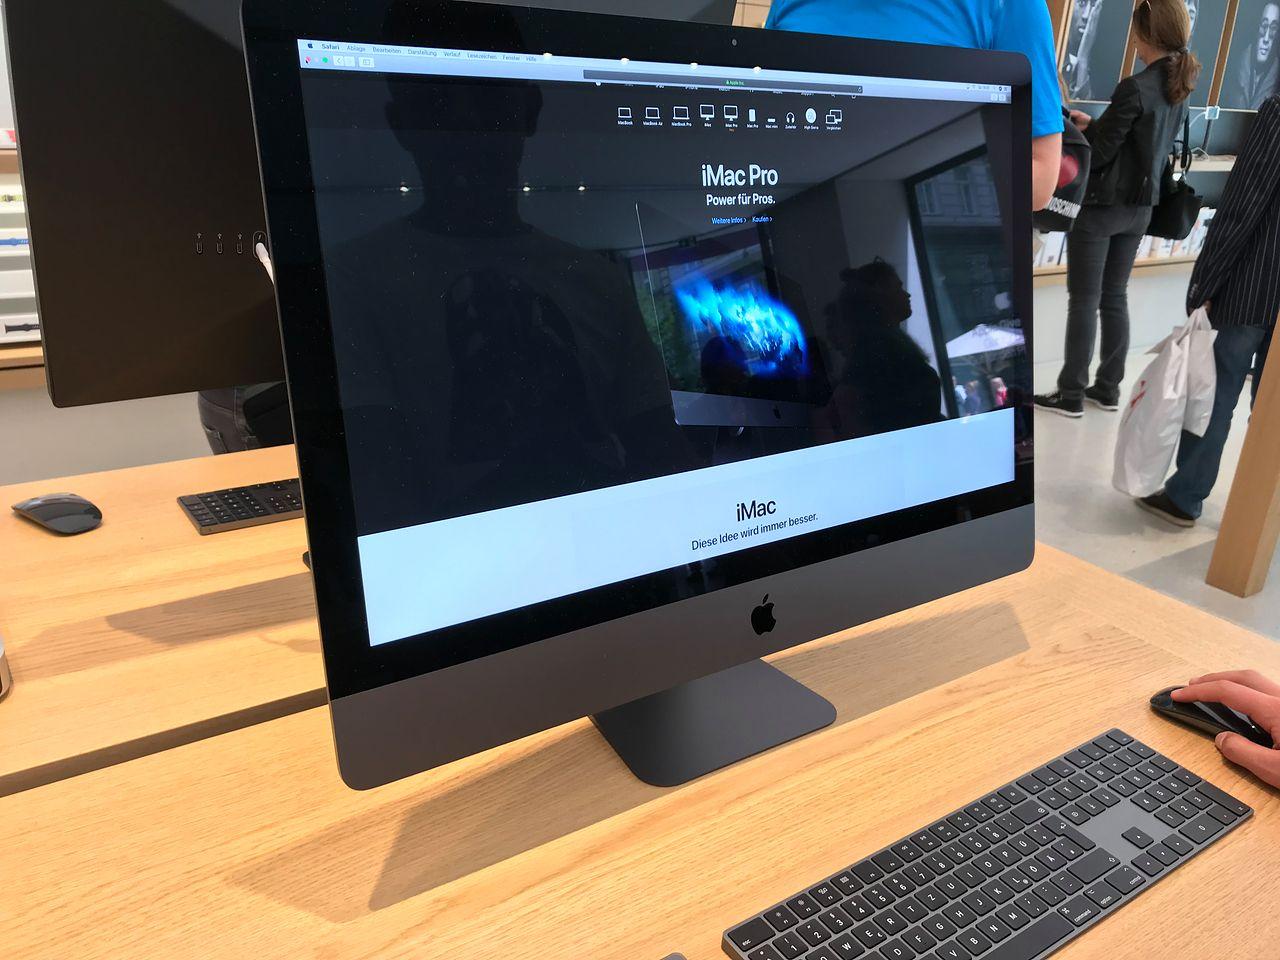 W wiedeńskim Apple Store - iMac Pro na charakterystycznym dla sklepów firmowych Apple stole.